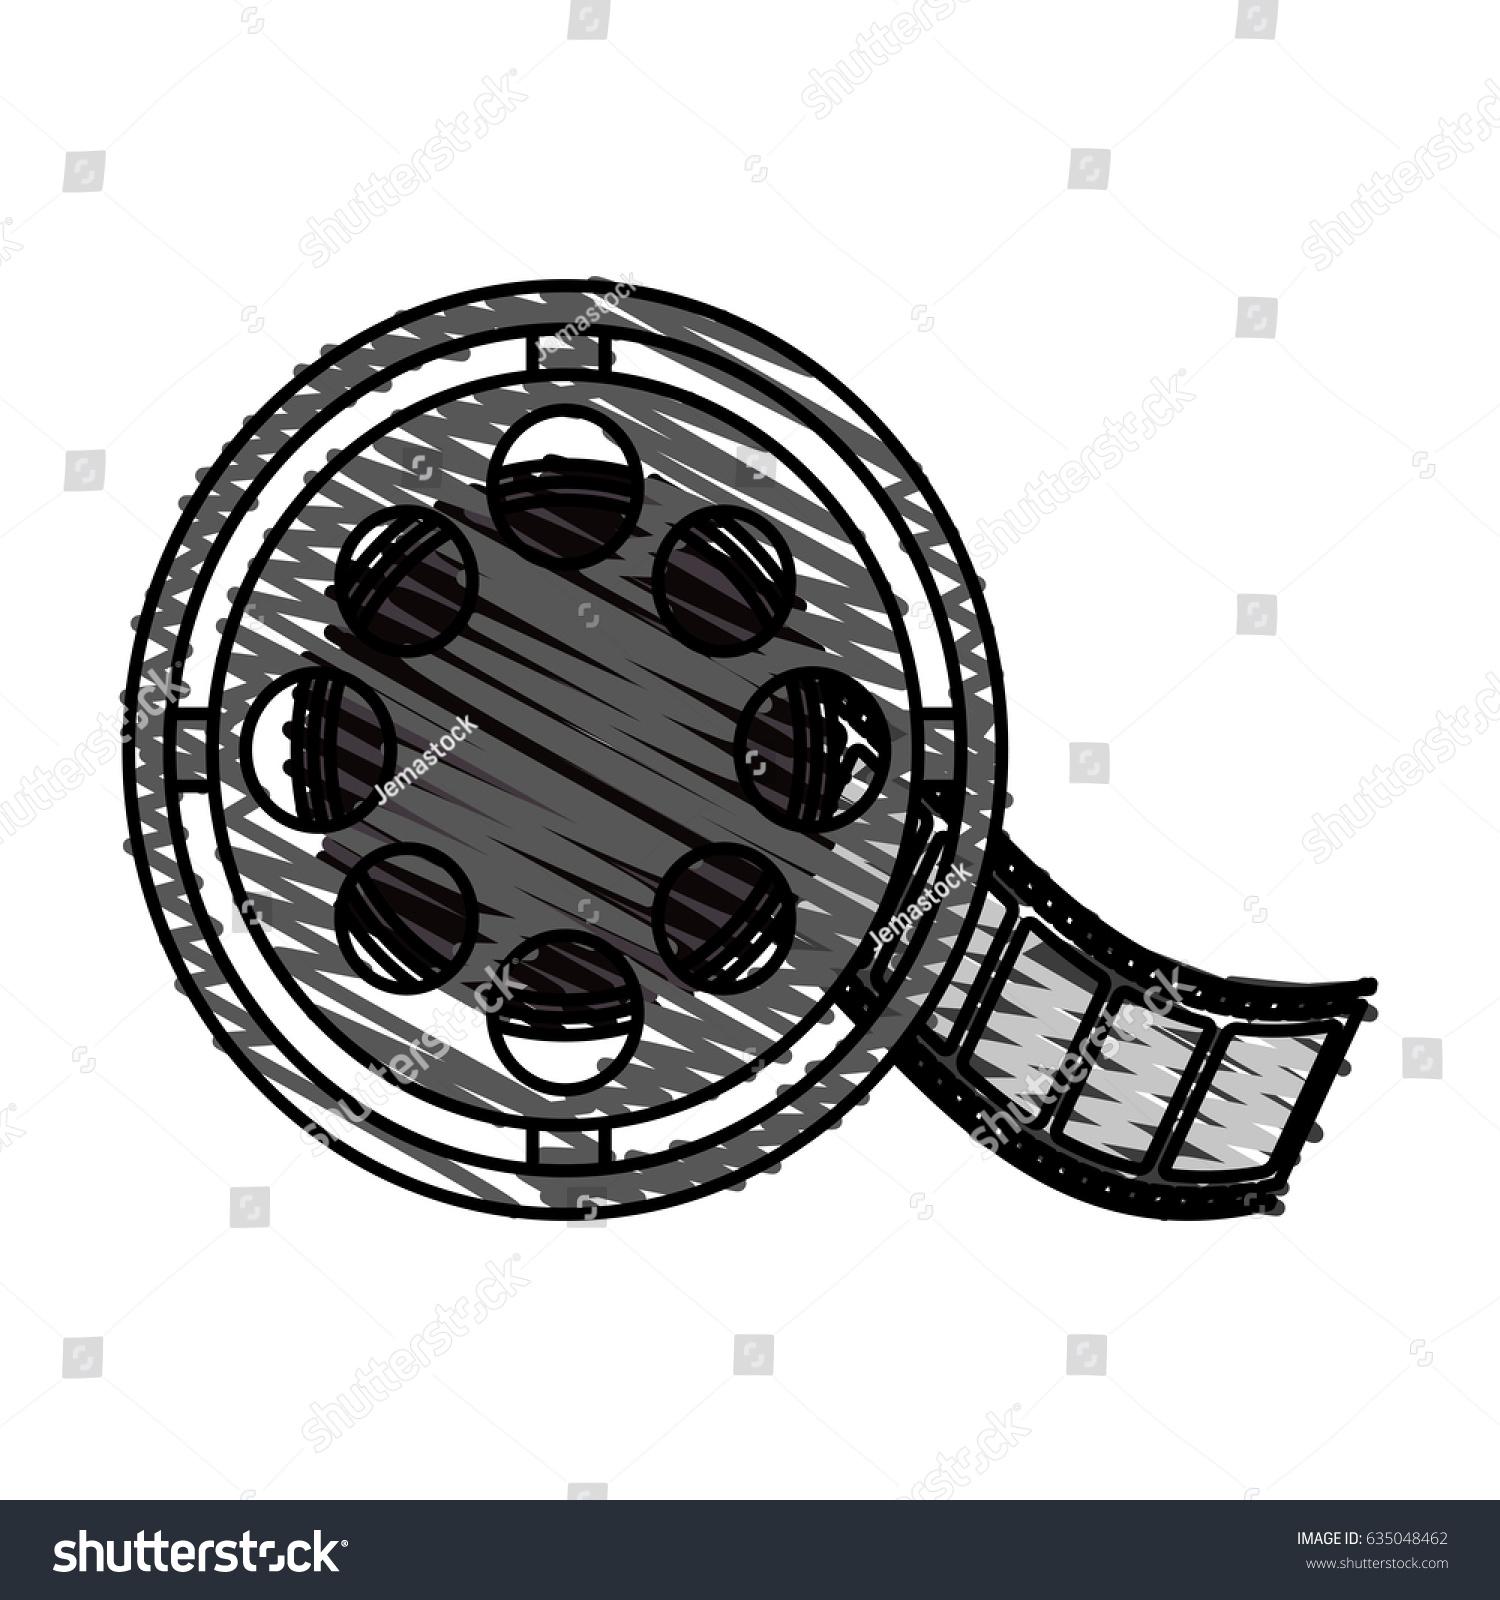 Color Crayon Stripe Image Cartoon Film Stock Vector 635048462 ...